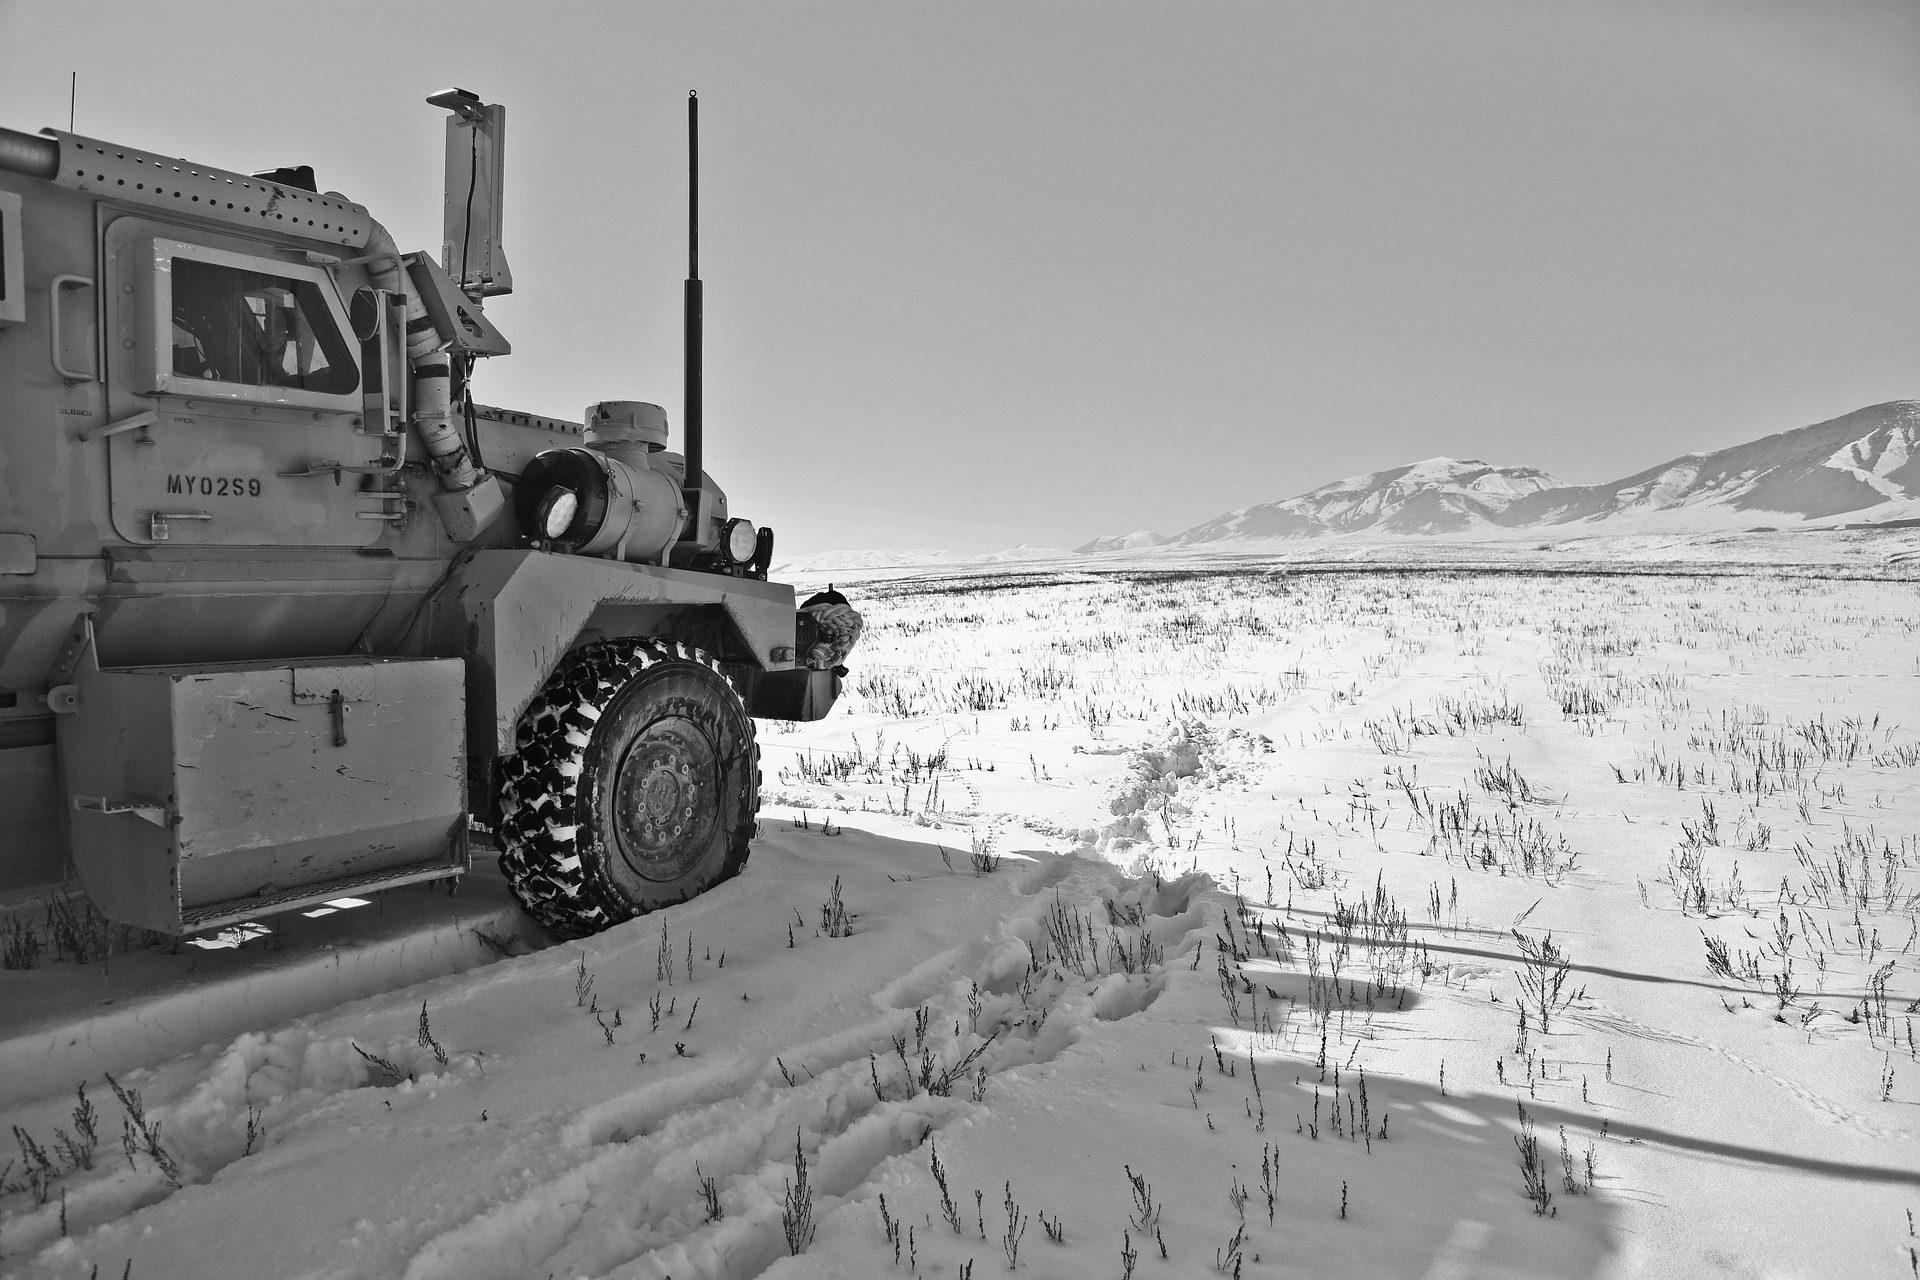 φορτηγό, Δρόμου, Νεβάδο, χιόνι, Χειμώνα, dificultad - Wallpapers HD - Professor-falken.com